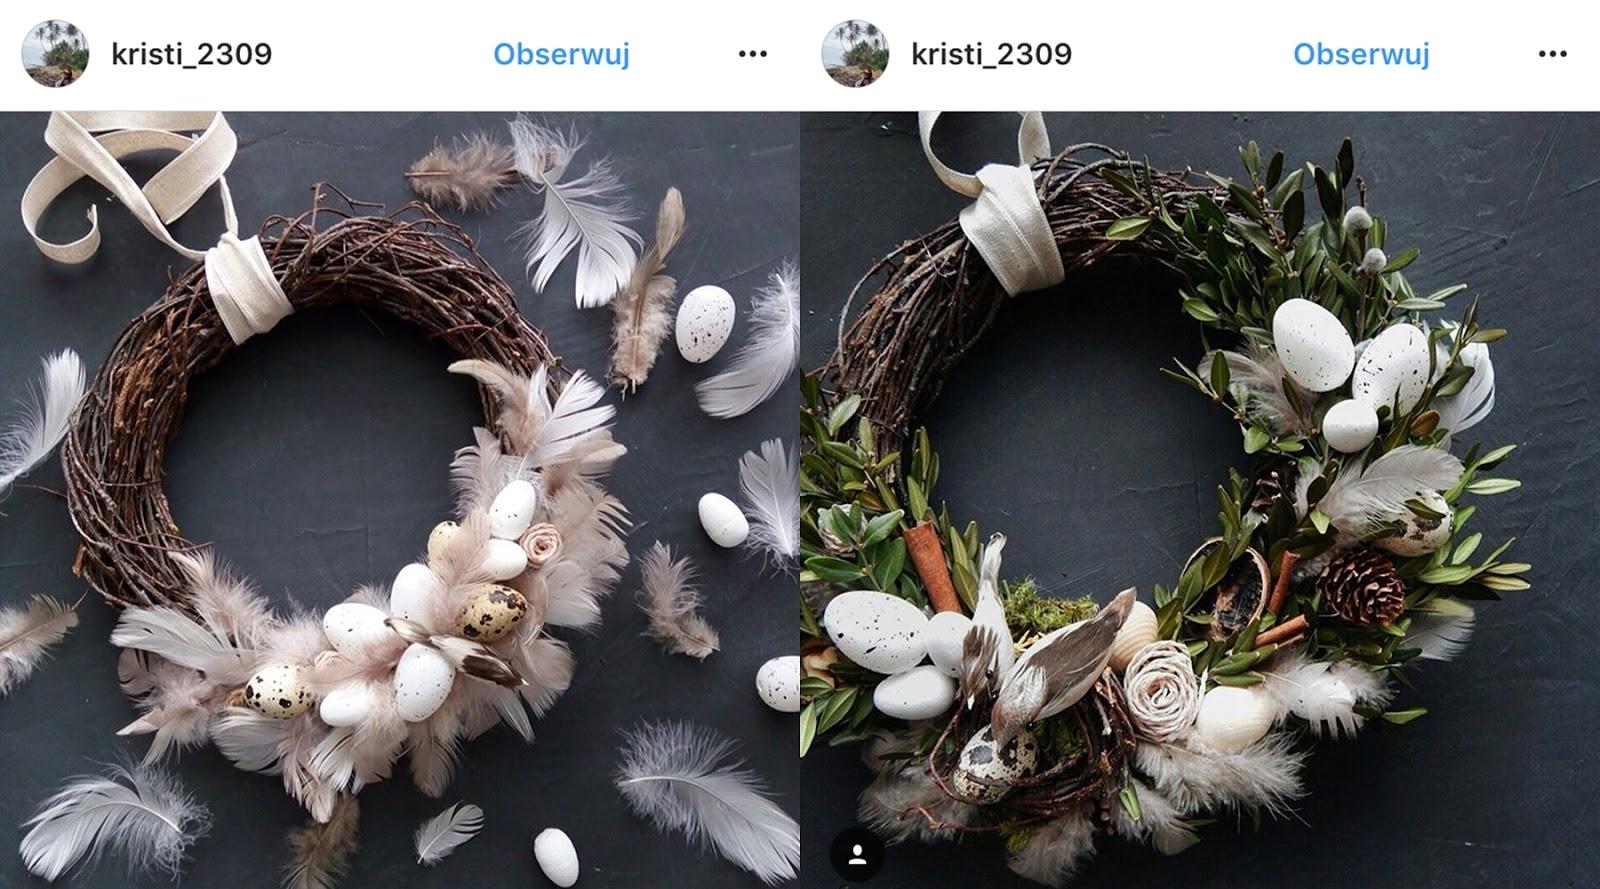 Dekoracje Wielkanocne Wianki Wielkanocne Inspiracje Wielkanocne